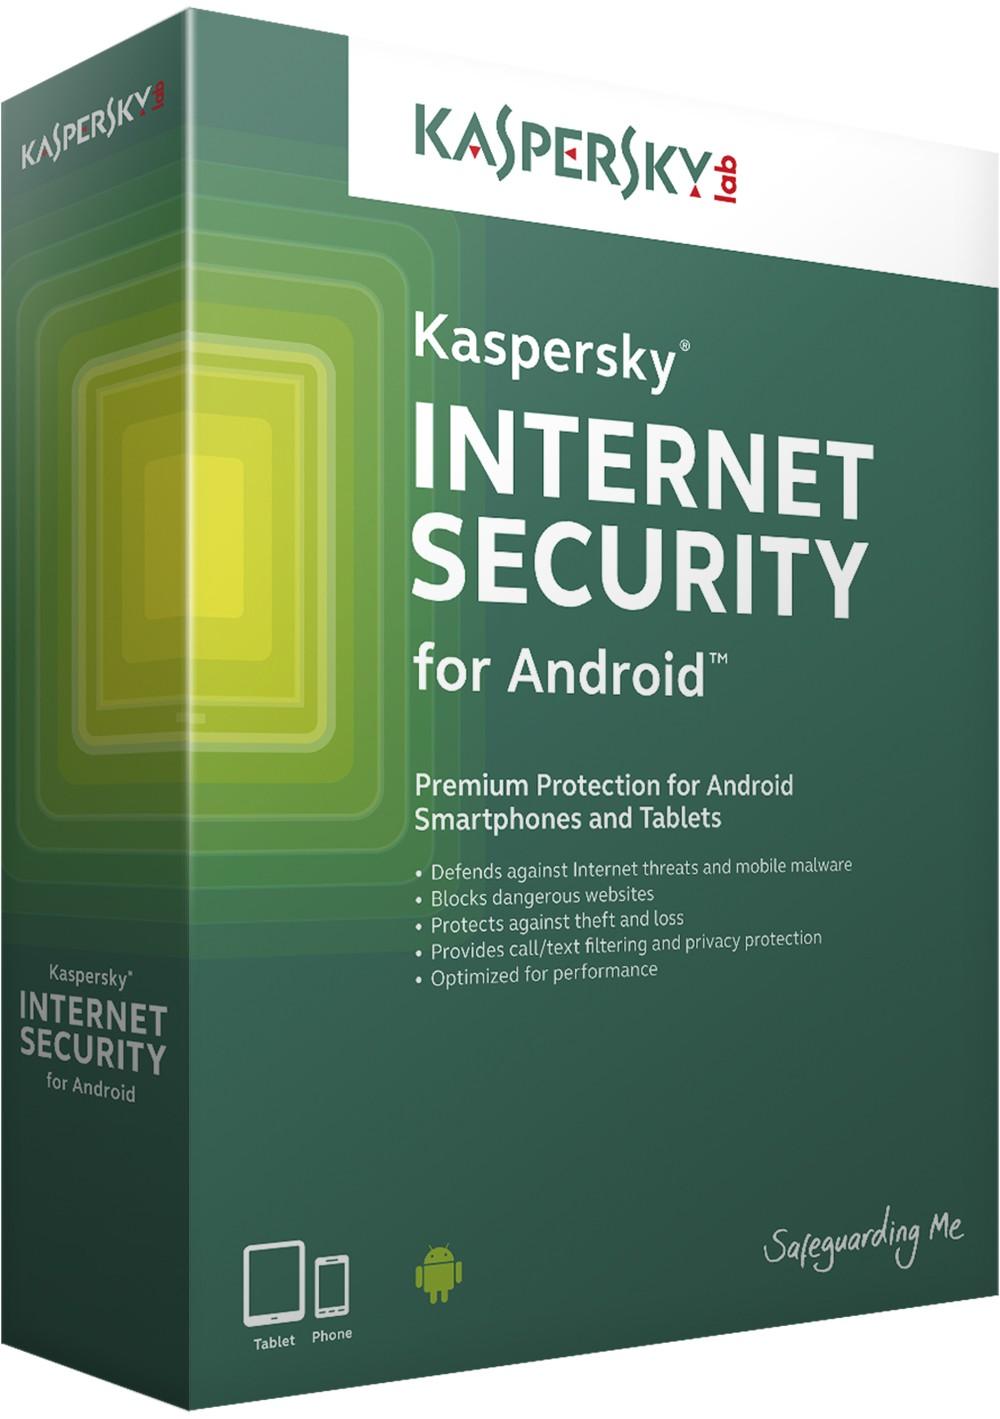 Kaspersky Internet Security for Android CZ, 2x mobil nebo tablet, 12 měsíců - (ESD)